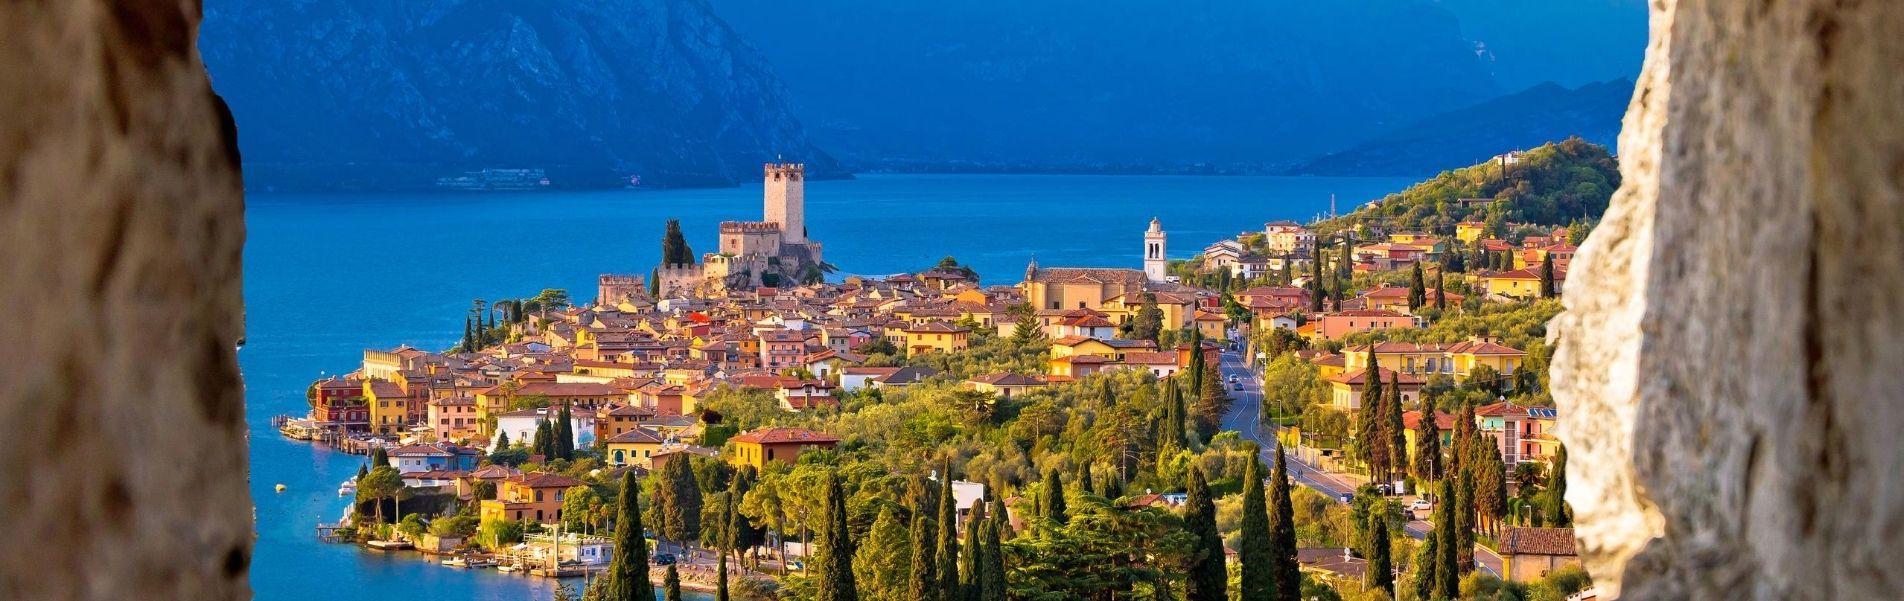 Ferienhaus in Italien kaufen – das sind die beliebteste Orte!